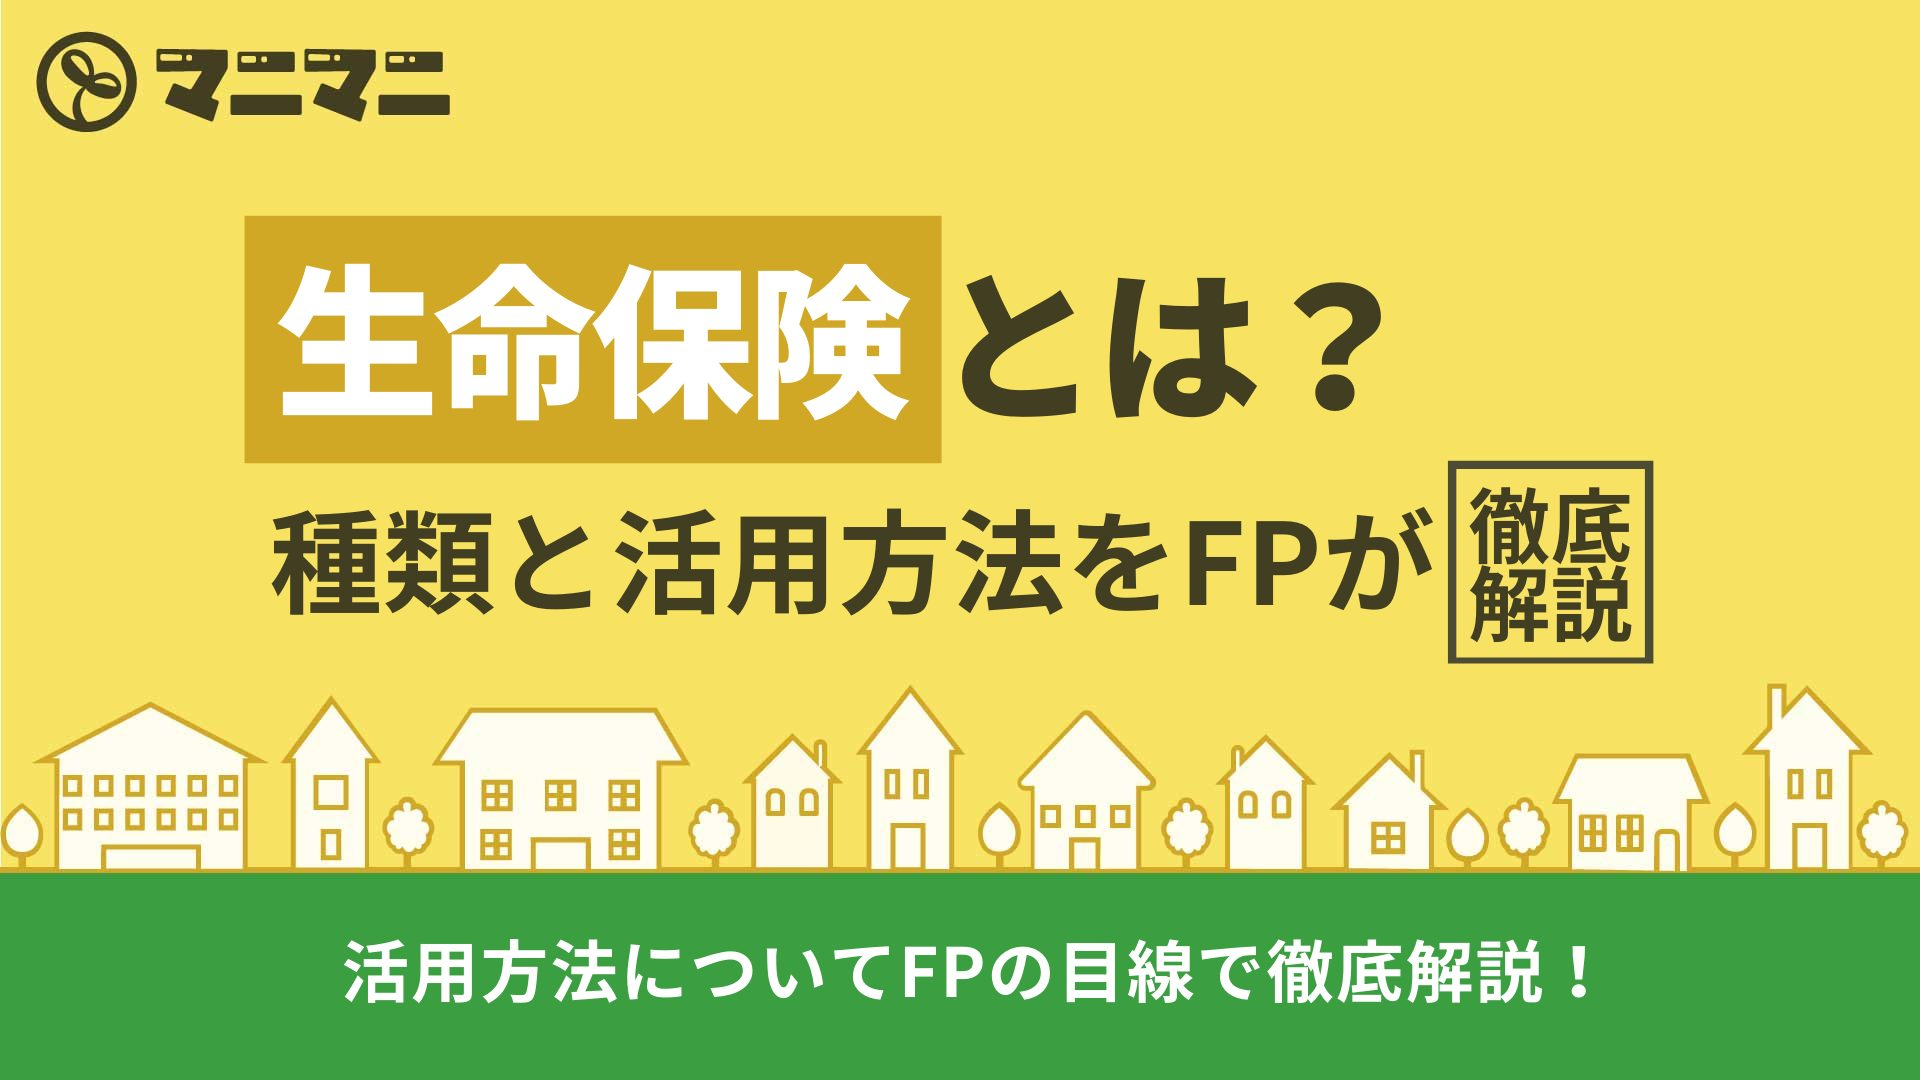 生命保険とは何か?種類と活用方法をFPが徹底解説!